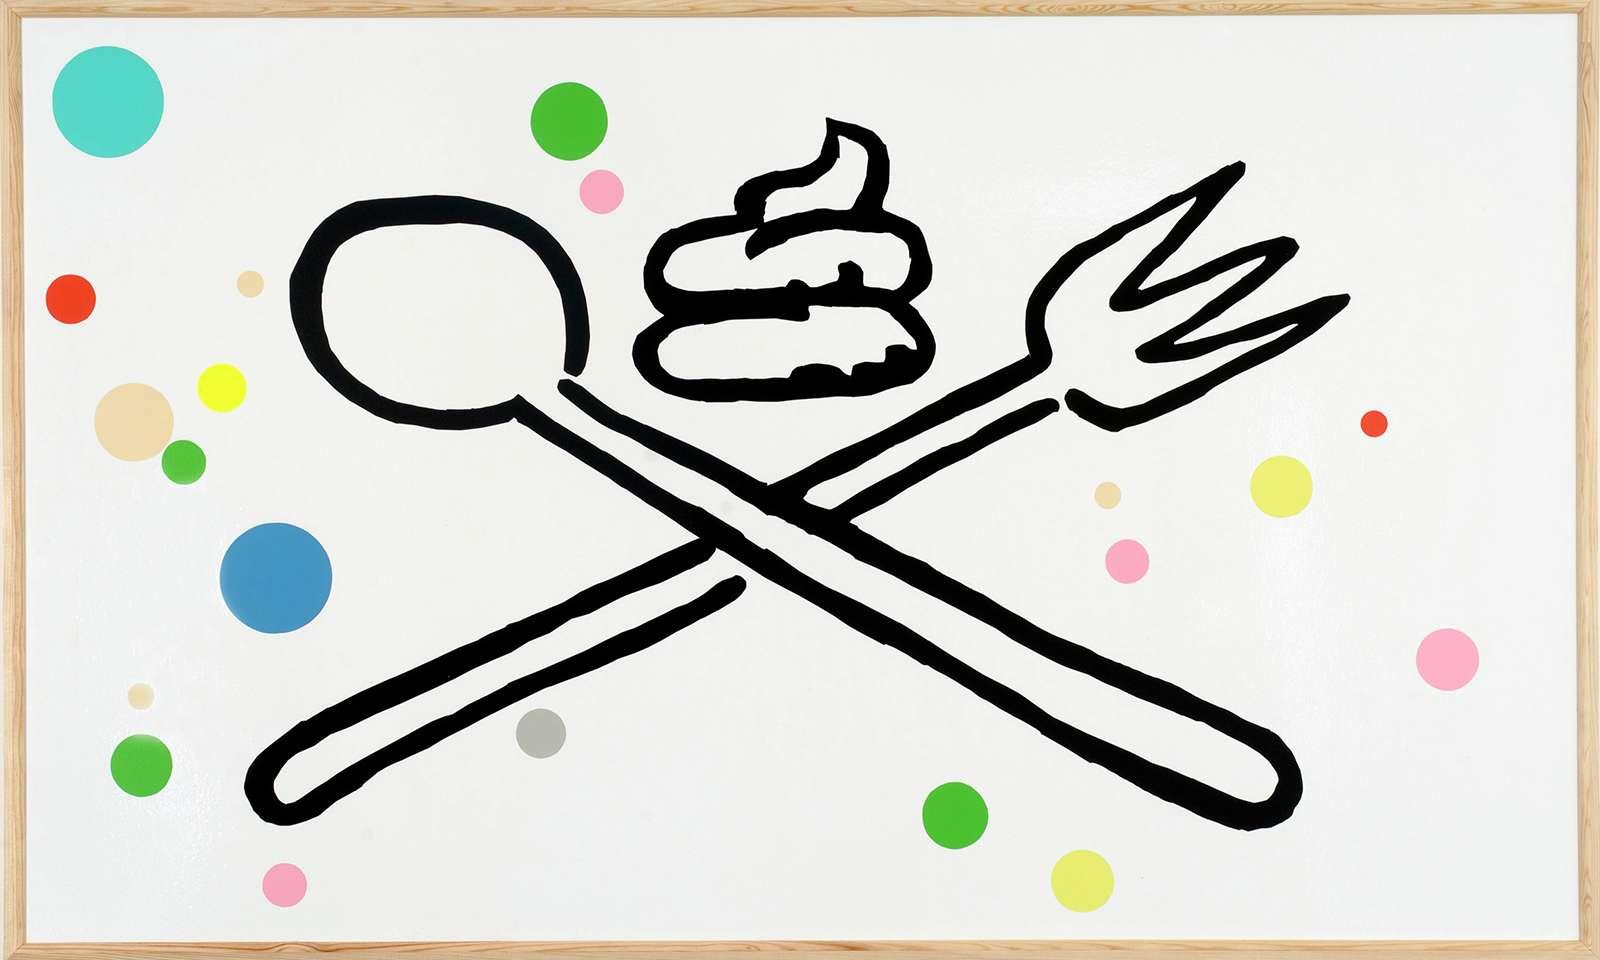 Taroop & Glabel, GASTRO - PARTY étron sur cuillère fourchette, 2007 Vénalyne sur contreplaqué